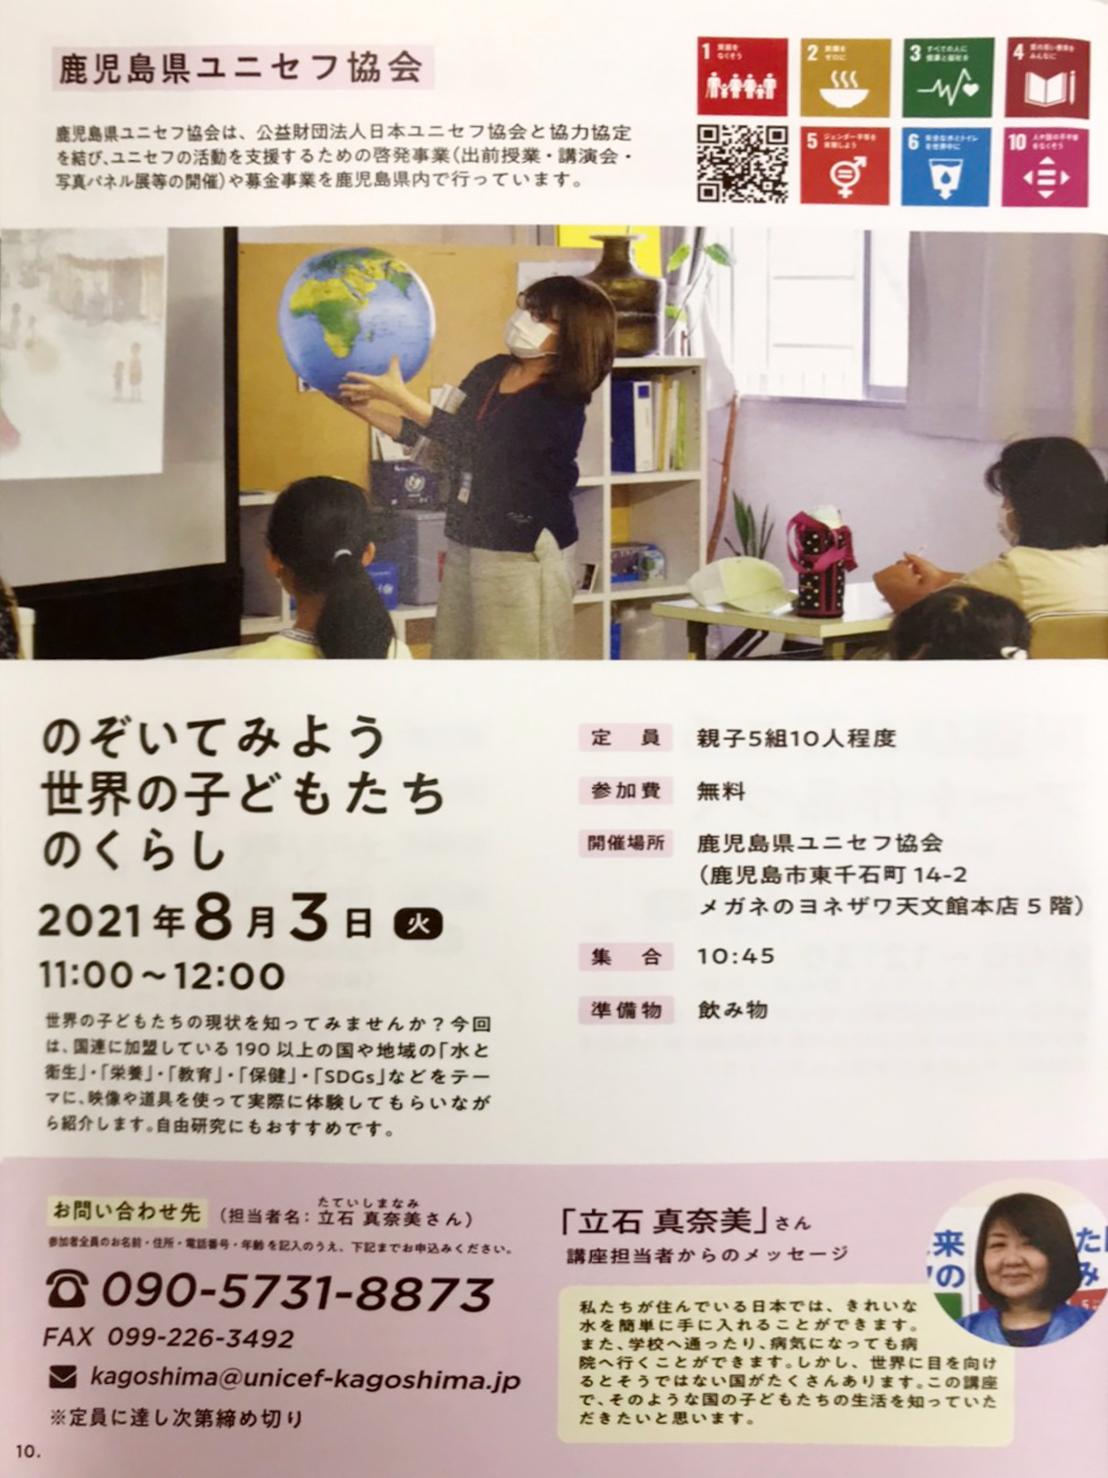 環境未来館 主催 地域まるごと共育講座 開催!